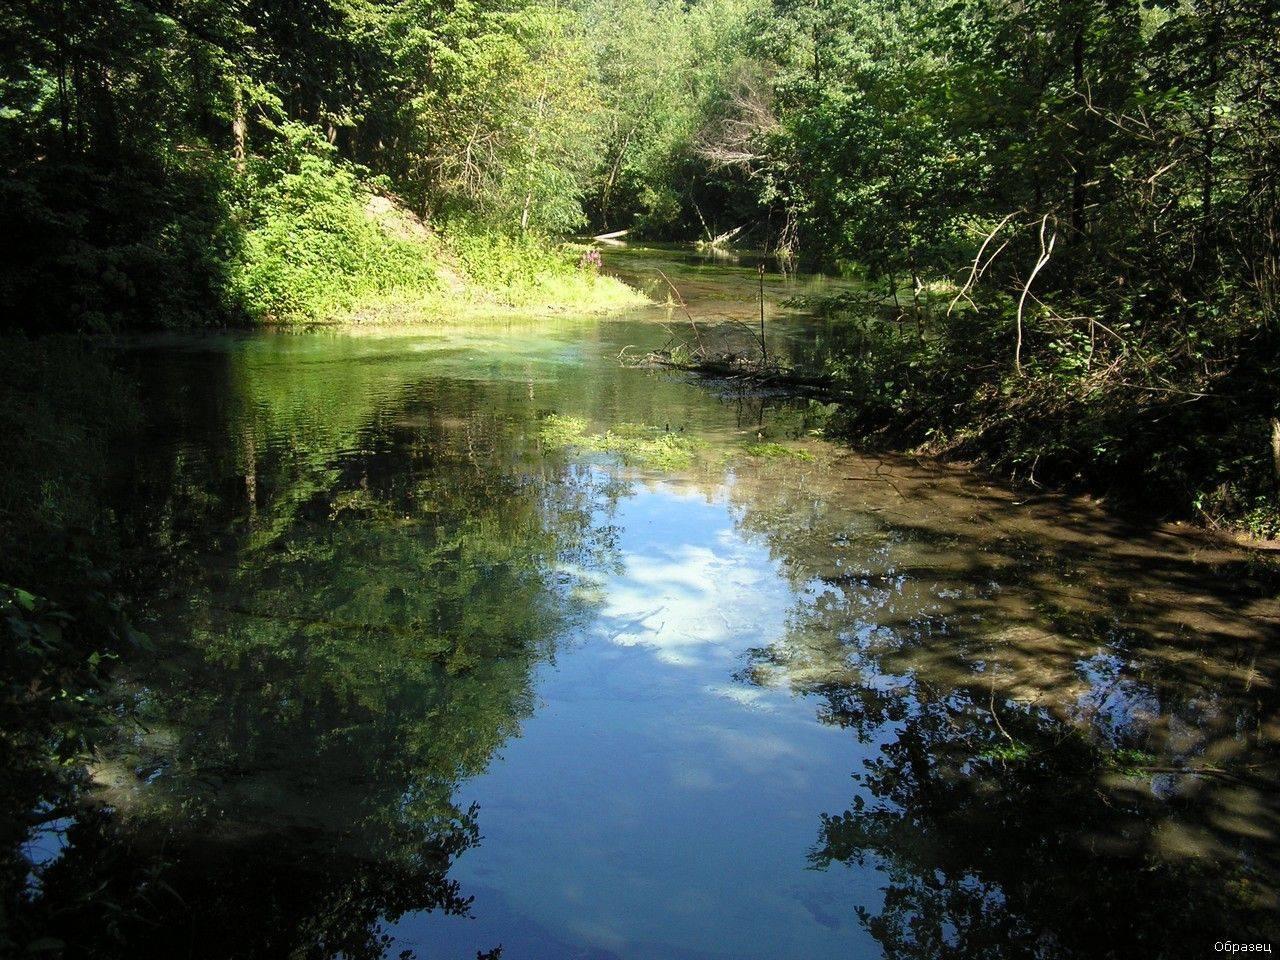 Сплав по реке малая кокшага республика марий эл